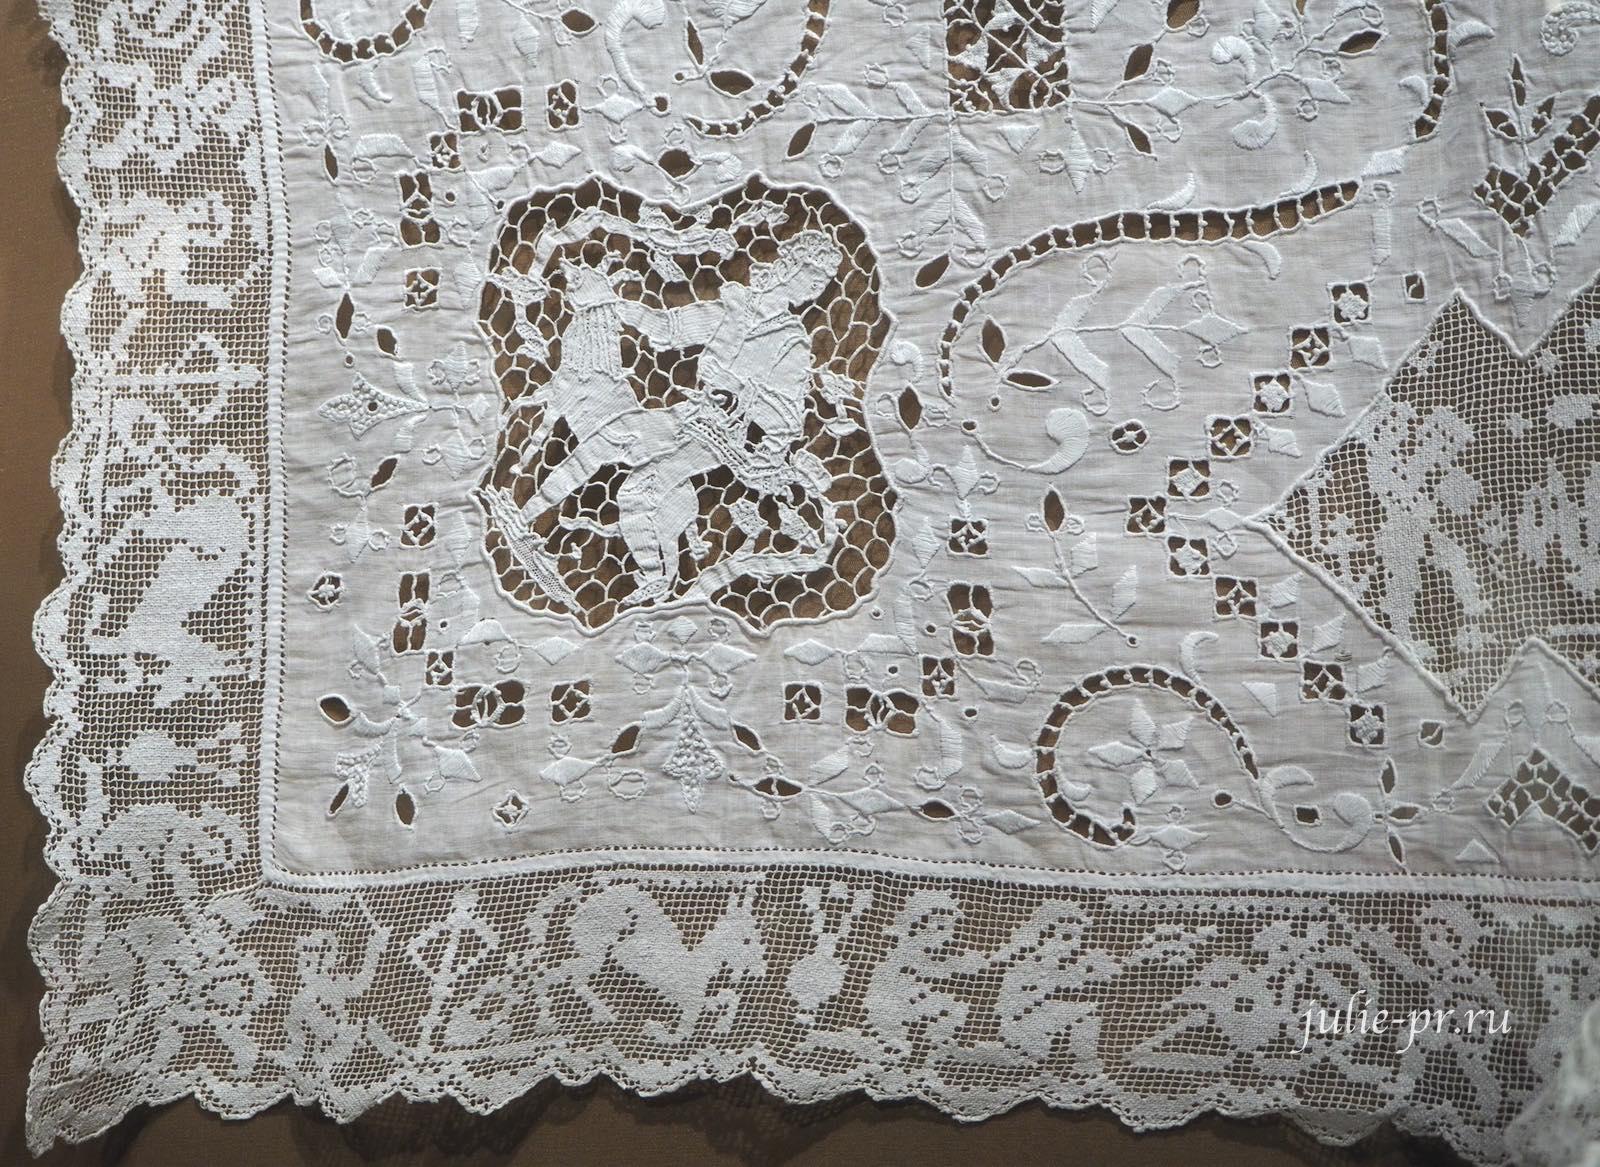 Свадебный постельный комплект, накидка на подушку (Москва, конец XIX века), Батист, игольное кружево; вышивка белой английской гладью, строчевая по филейной сетке